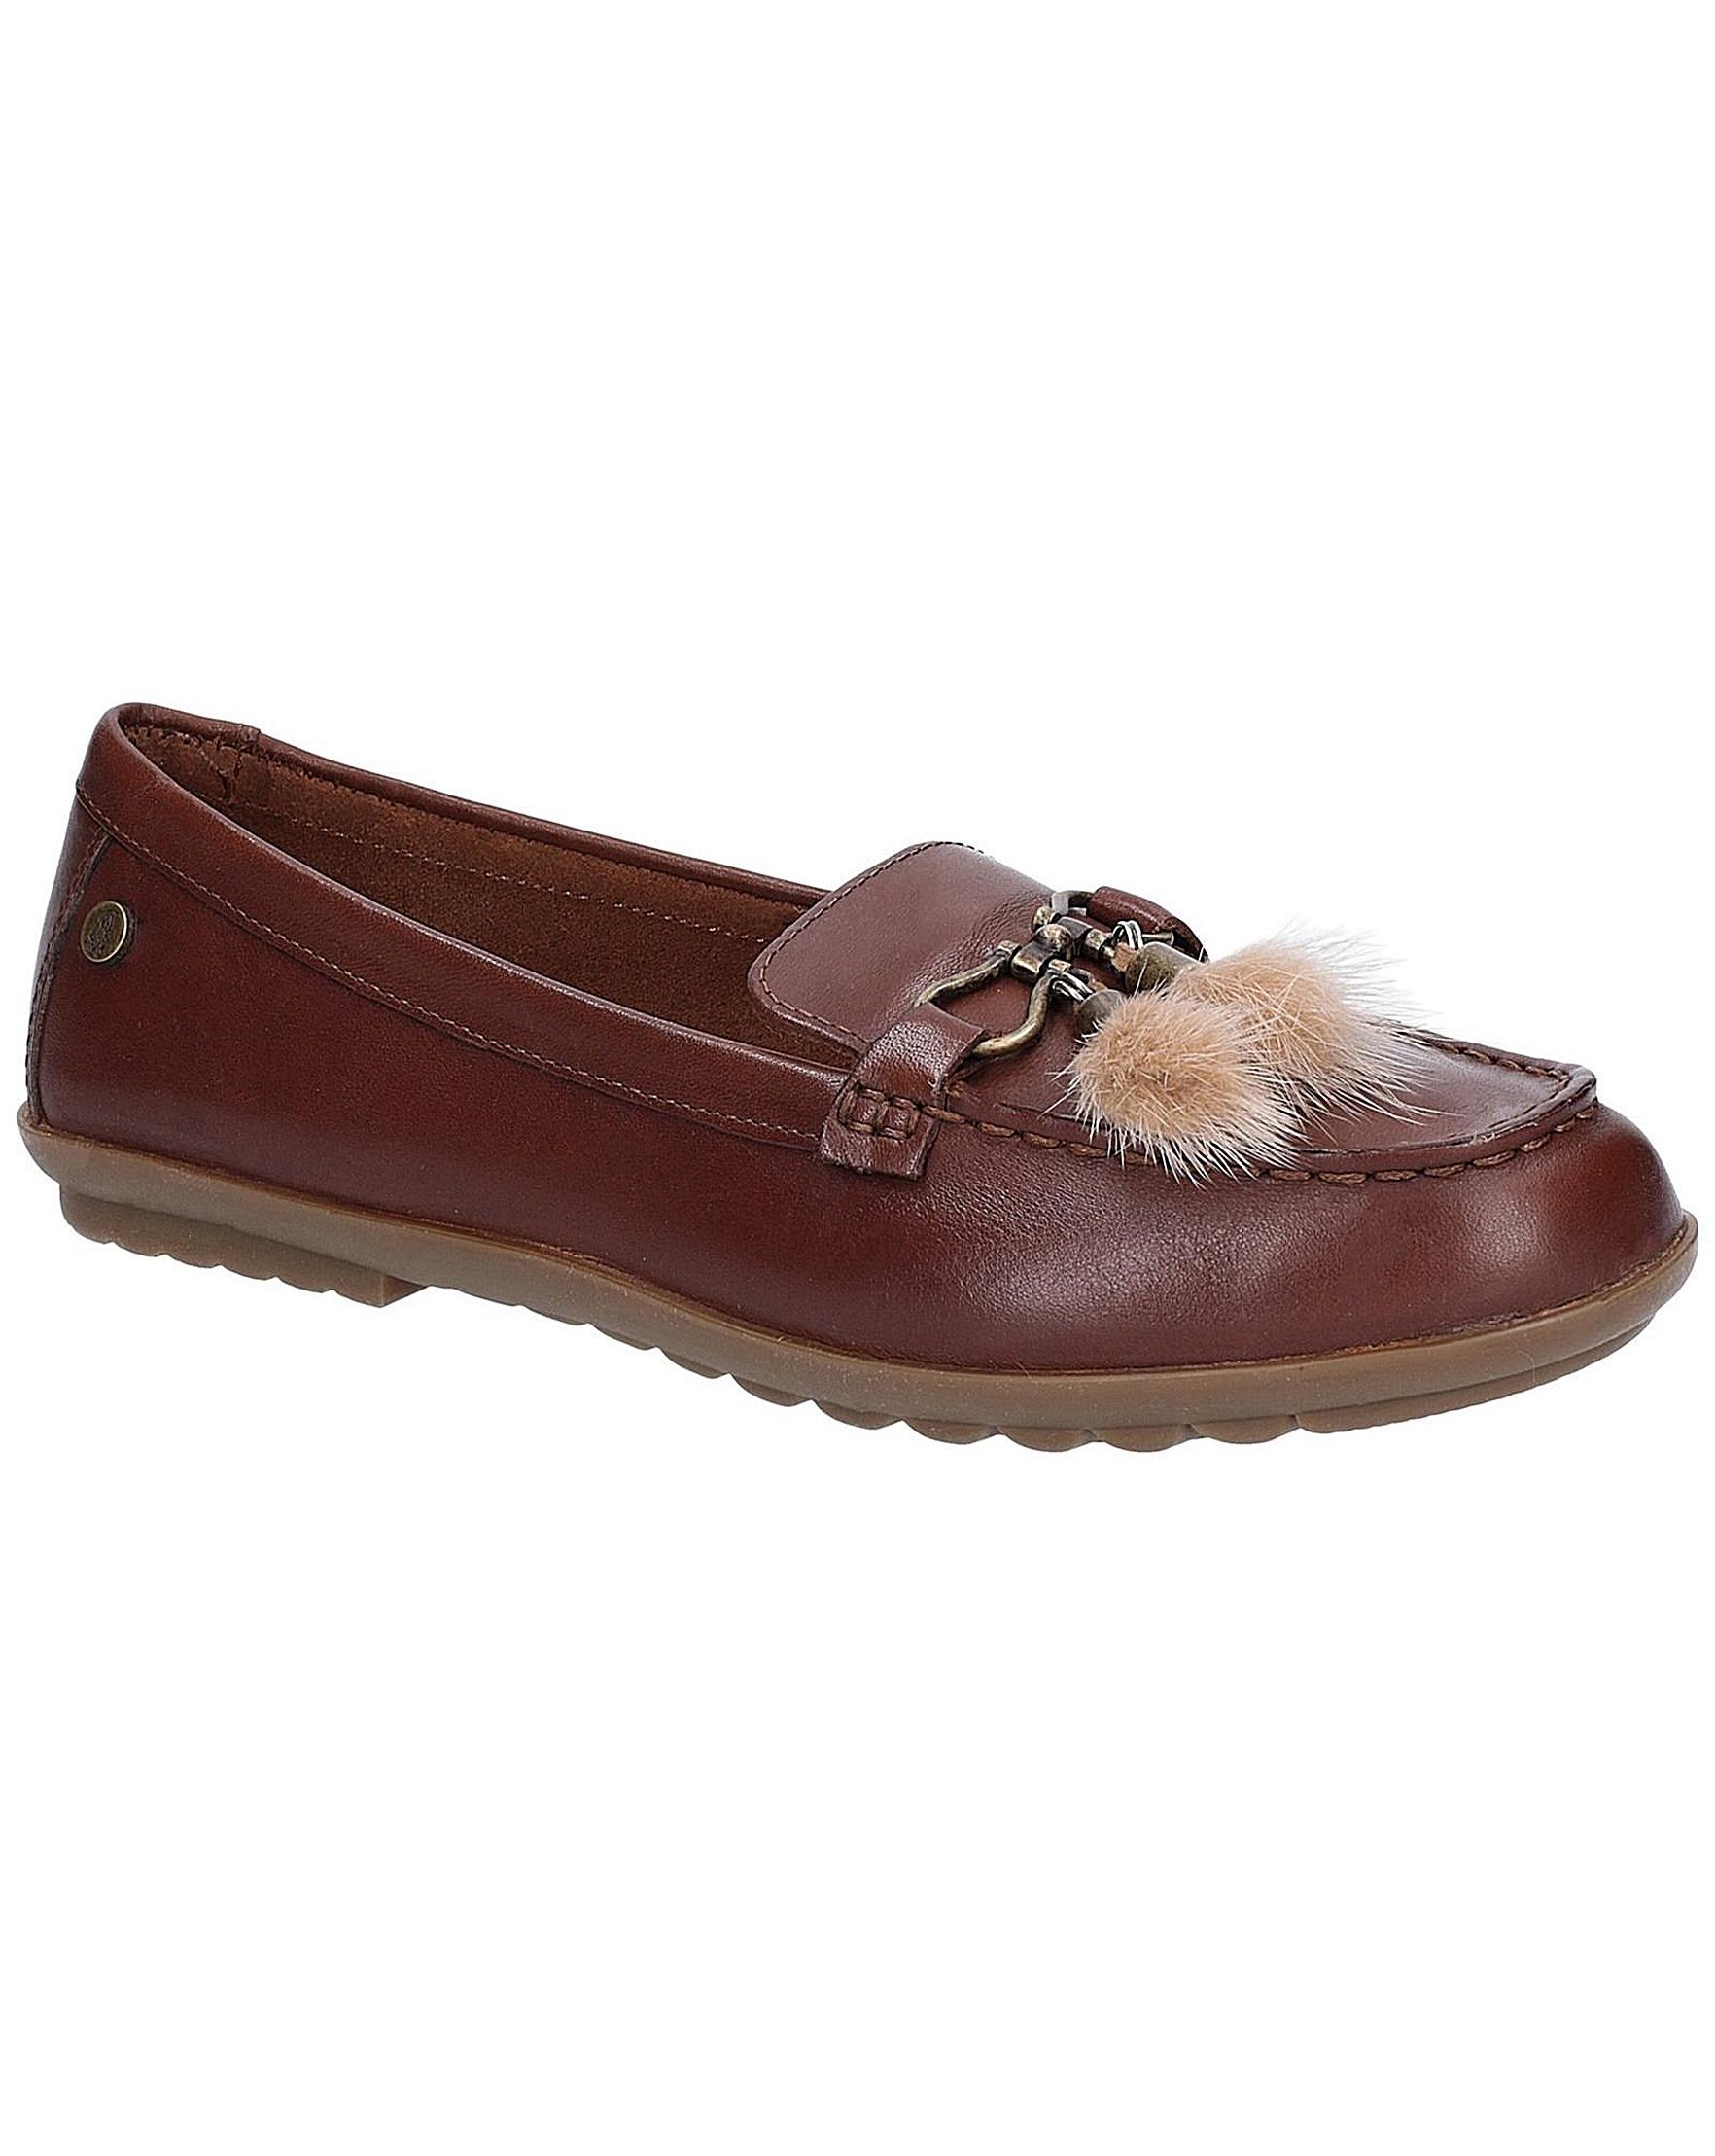 494e04f7fb8 Hush Puppies Aidi Puff Loafer